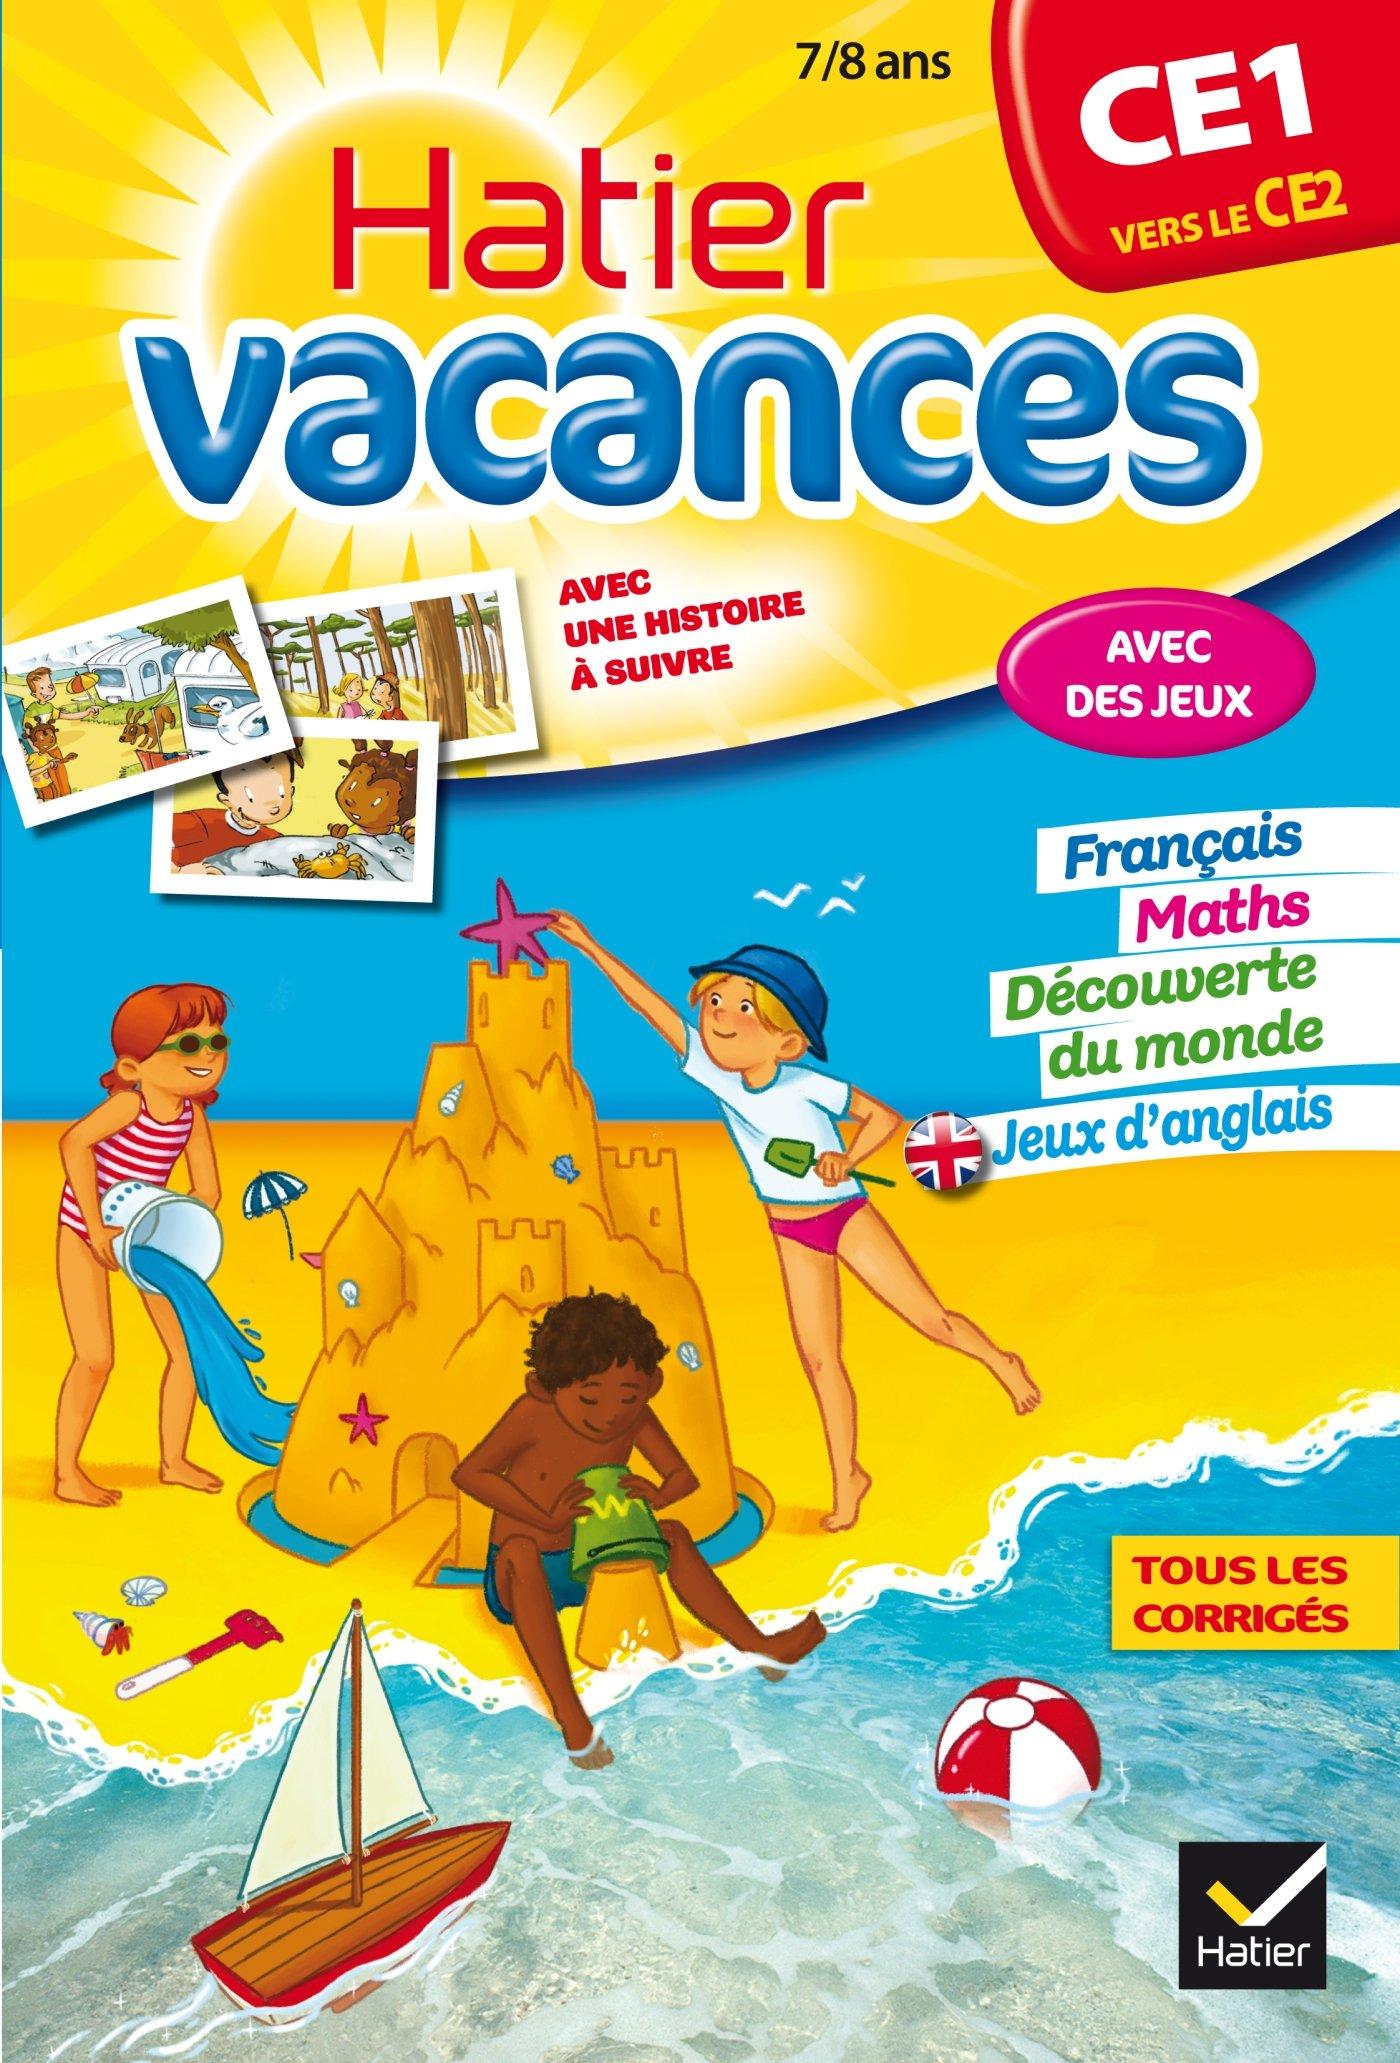 Download Cahiers De Vacances Hatier: Ce1 (Vers Le Ce2) 7/8 Ans (French Edition) pdf epub